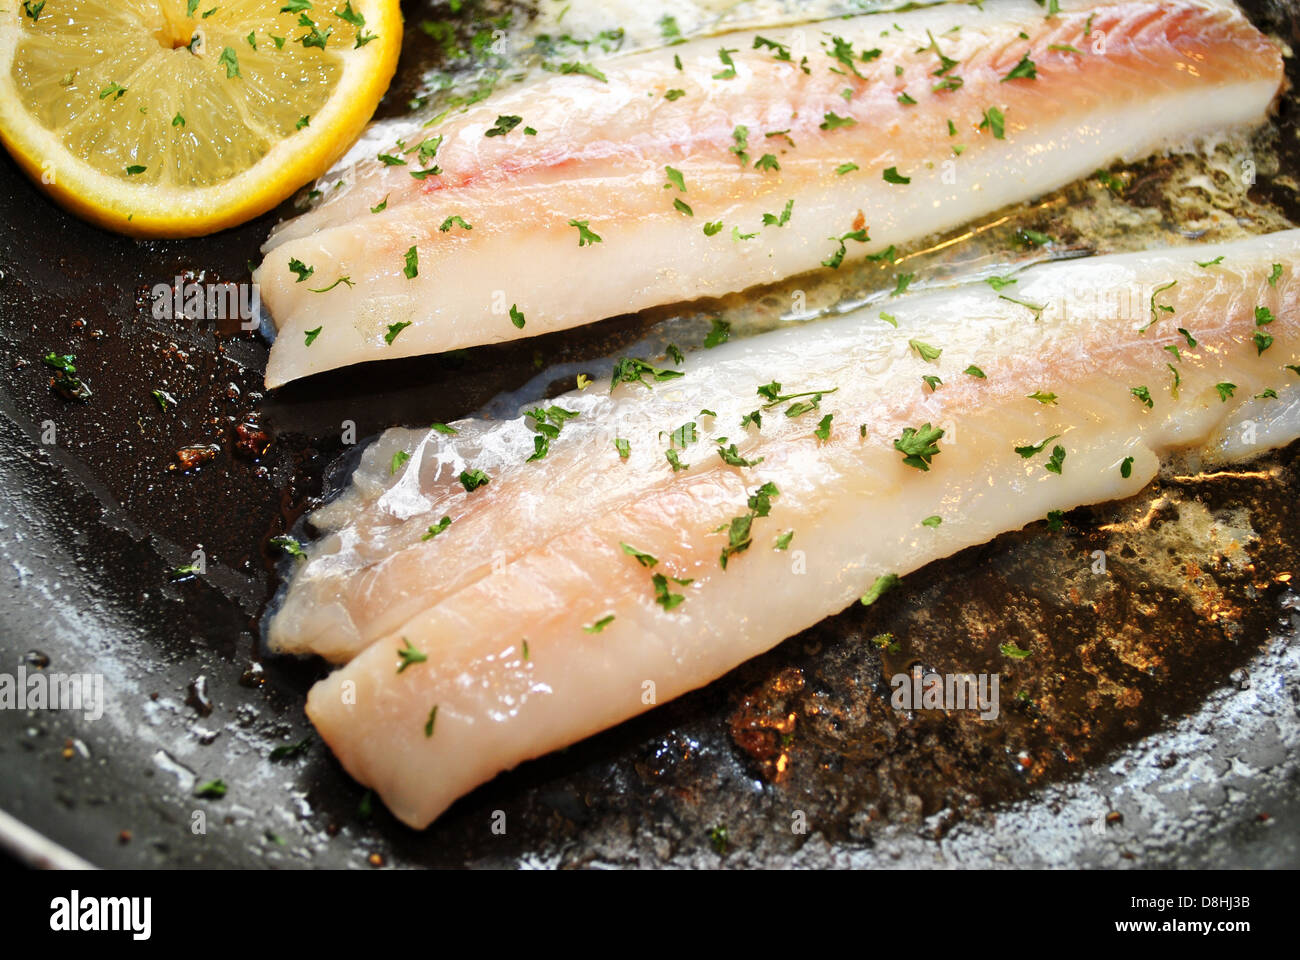 Cocinar Lenguado | Cocinar Filetes De Lenguado Con Limon Y Hierbas Foto Imagen De